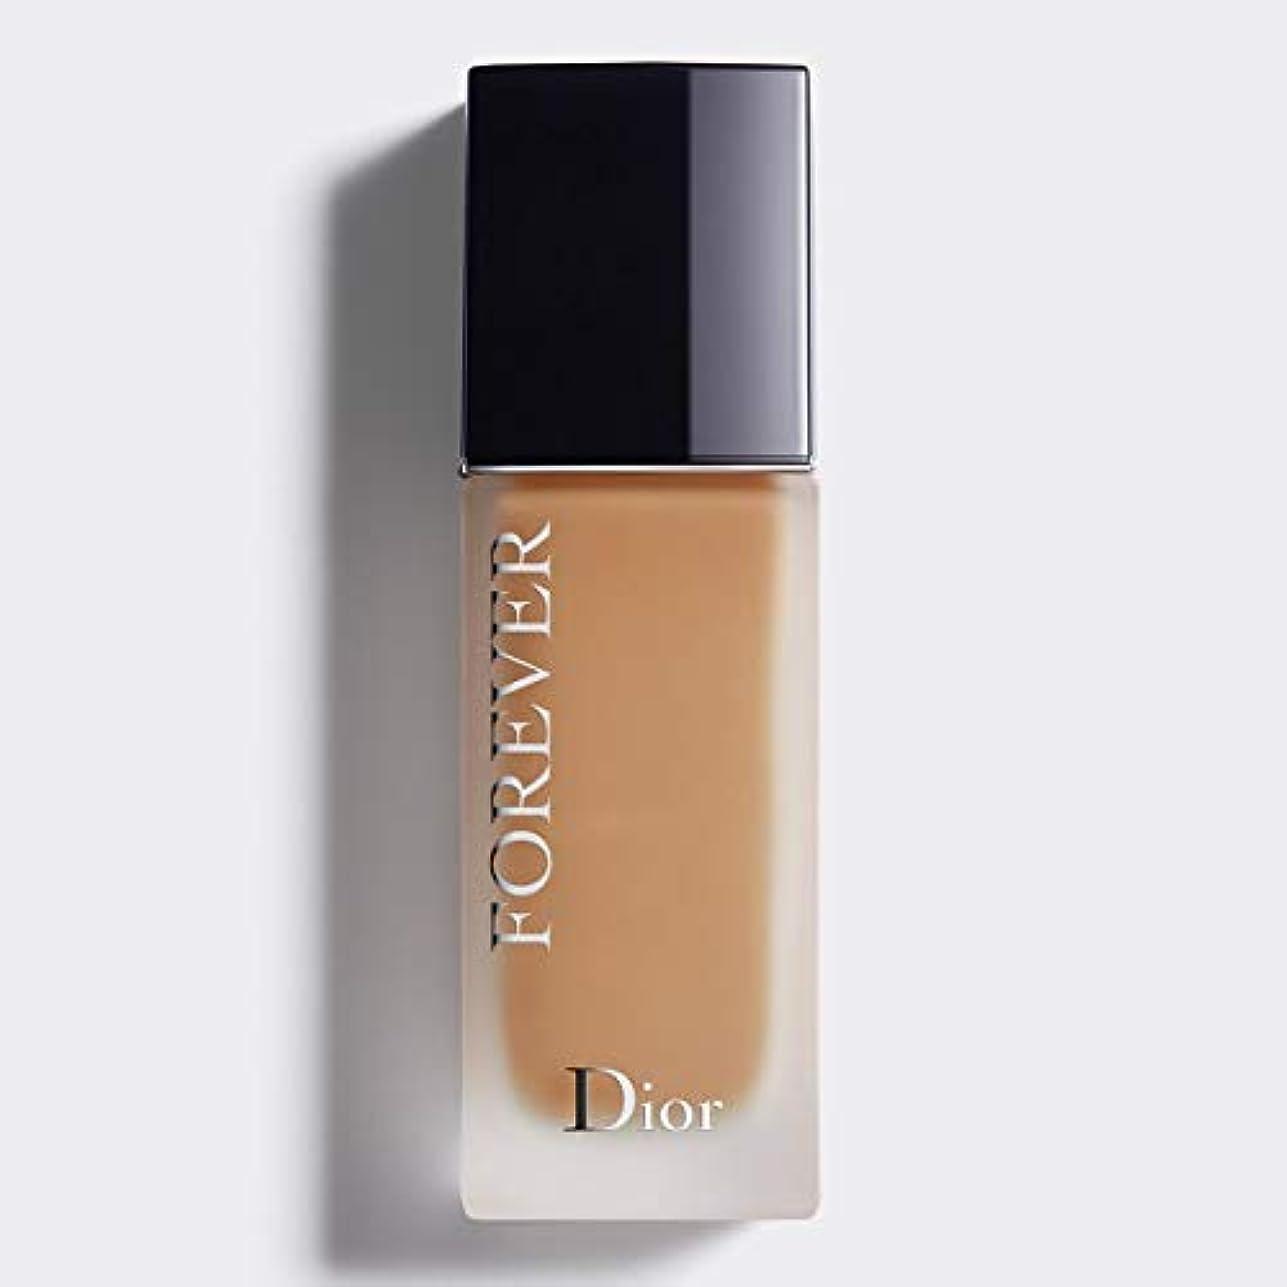 狂うを除く隠されたクリスチャンディオール Dior Forever 24H Wear High Perfection Foundation SPF 35 - # 4W (Warm) 30ml/1oz並行輸入品